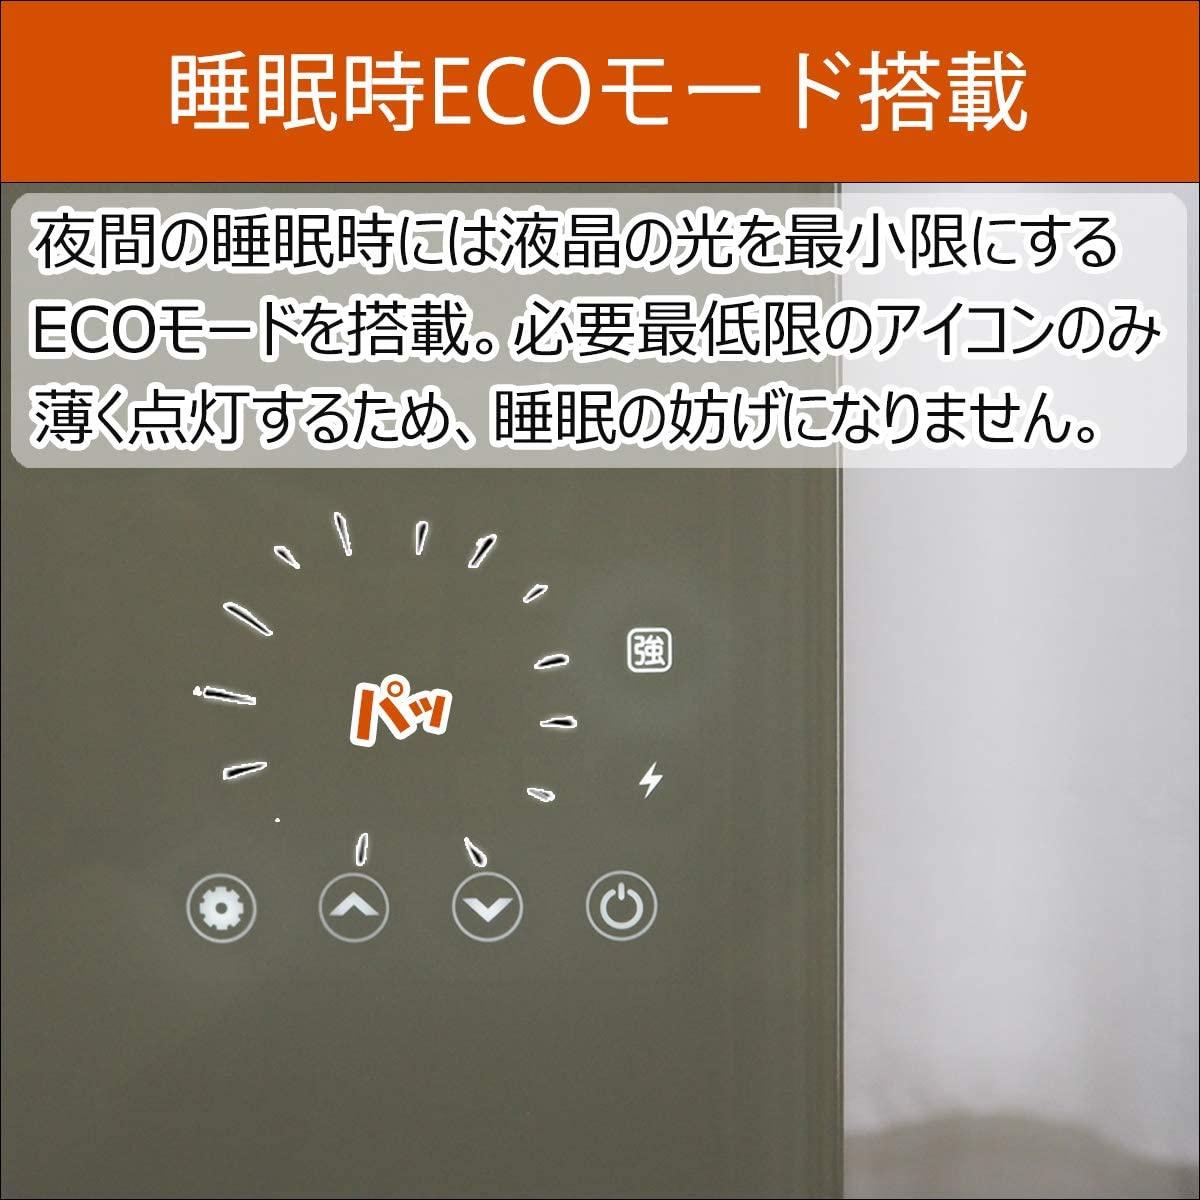 ASUWELL(アスウェル) 遠赤外線パネルヒーター ASU-020MAの商品画像5